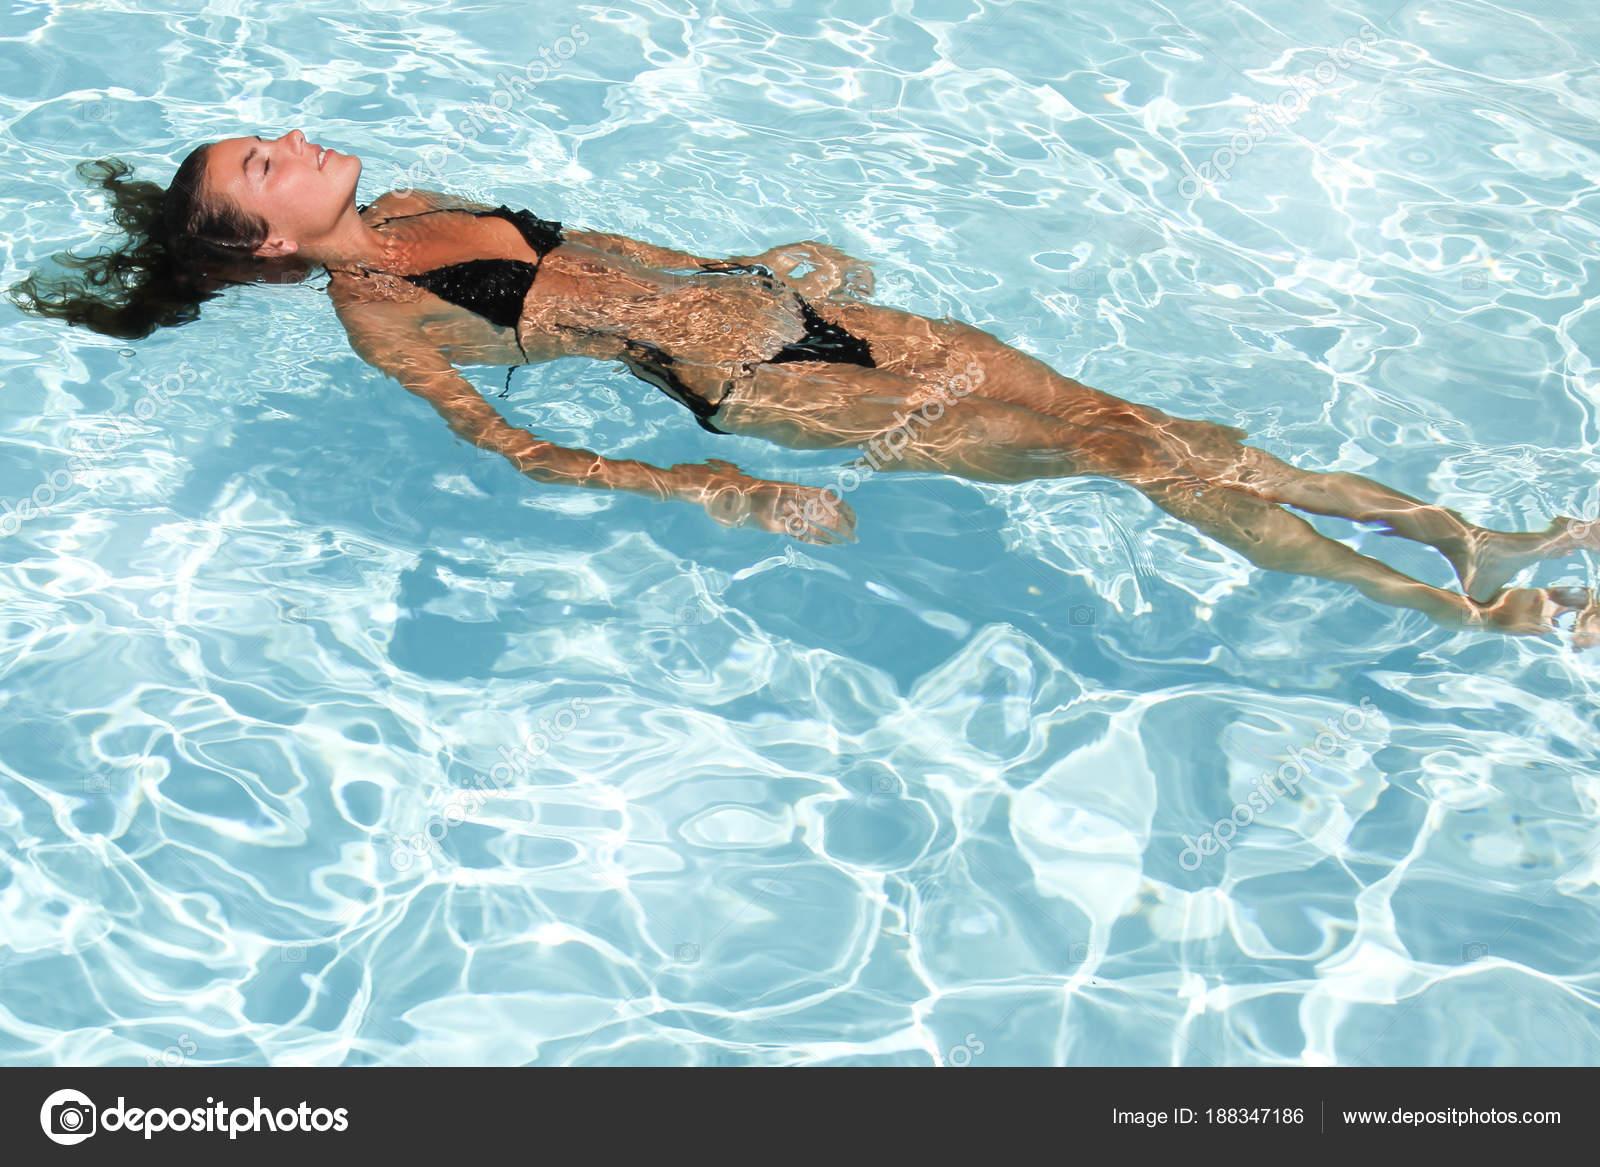 565d33f31a75 Hermosa Mujer Joven Traje Baño Piscina Verano Espalda Natación — Fotos de  Stock